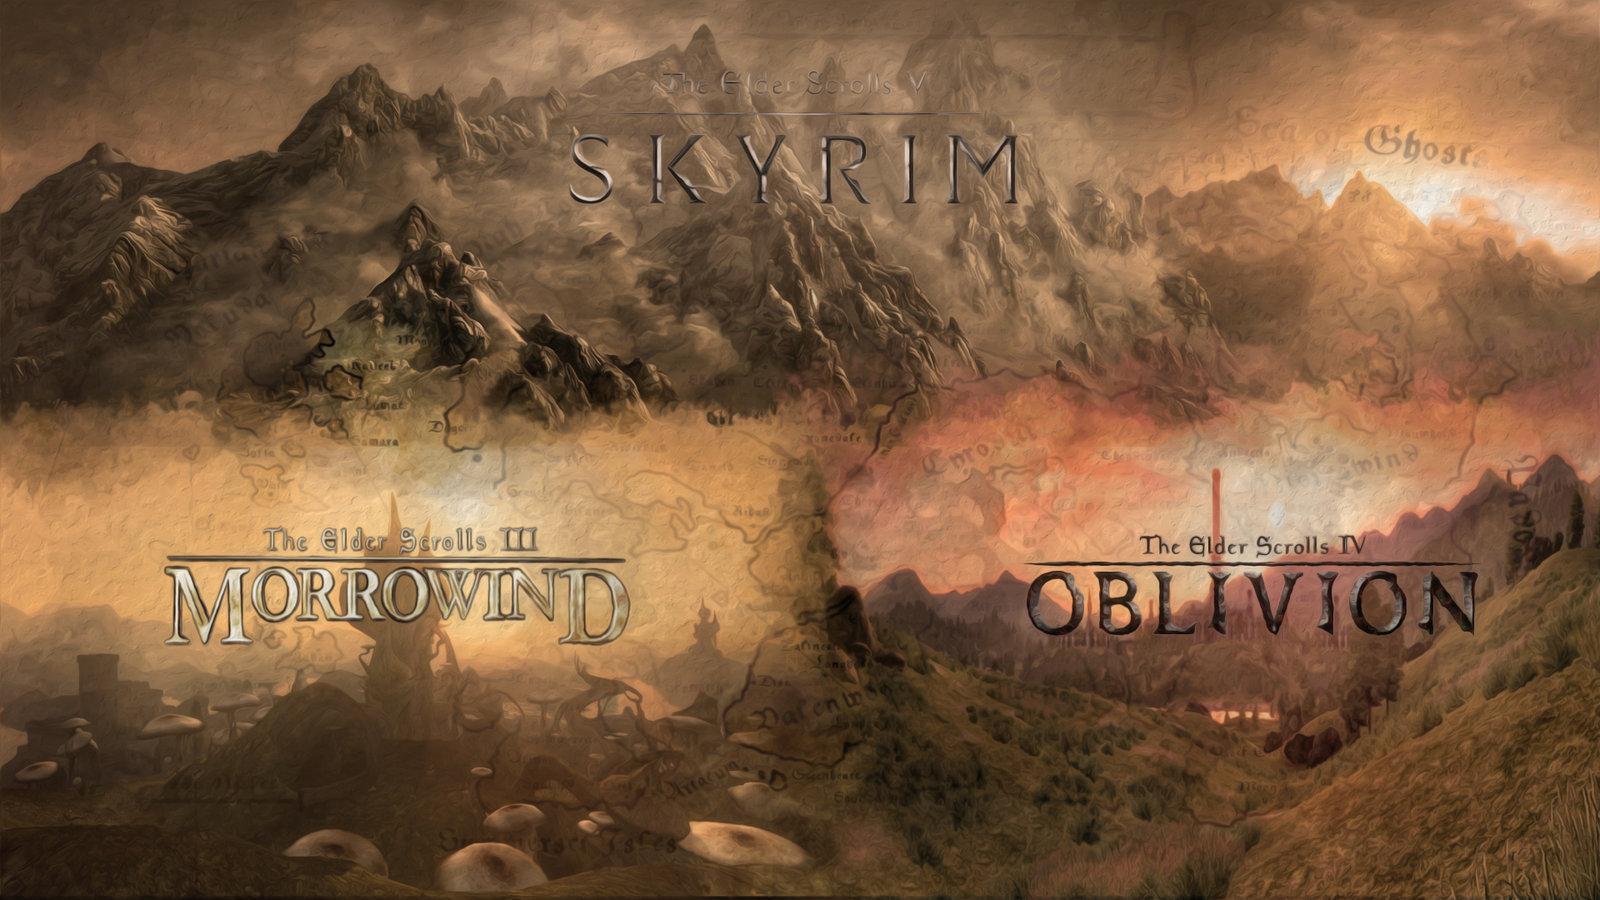 The Elder Scrolls 6 Wallpapers Wallpaper Cave